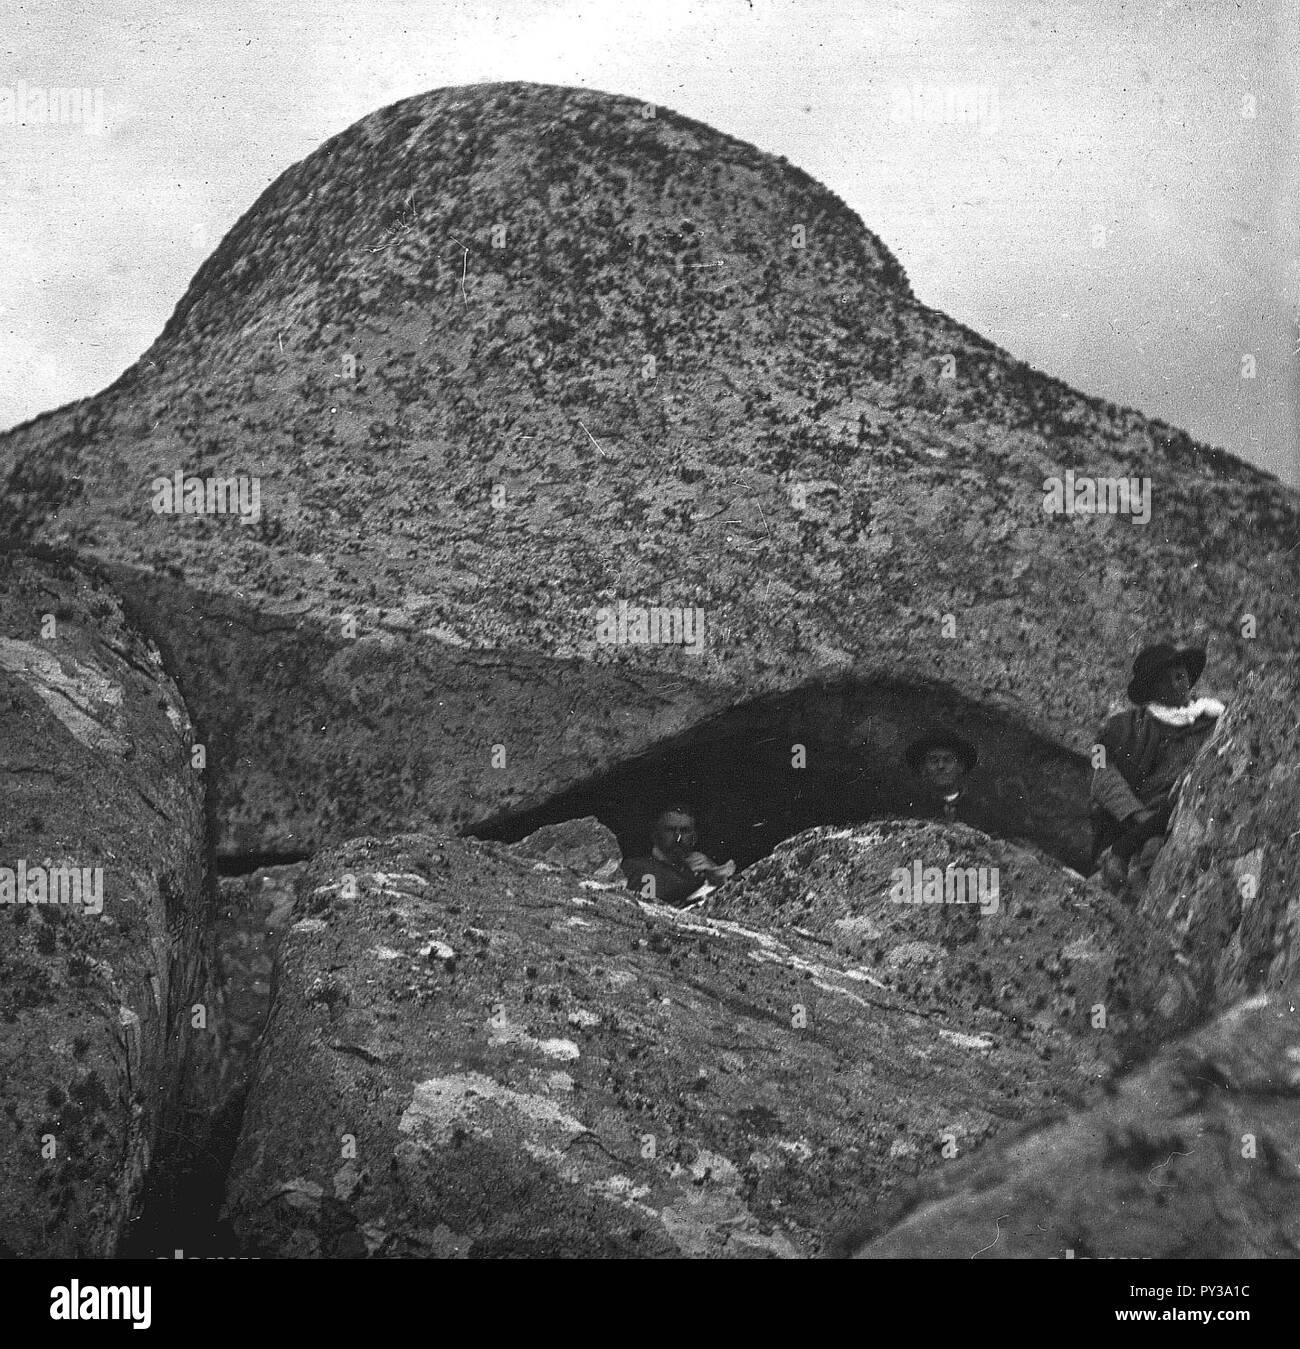 C47f510. Hombres en la cima del cerro. - Stock Image